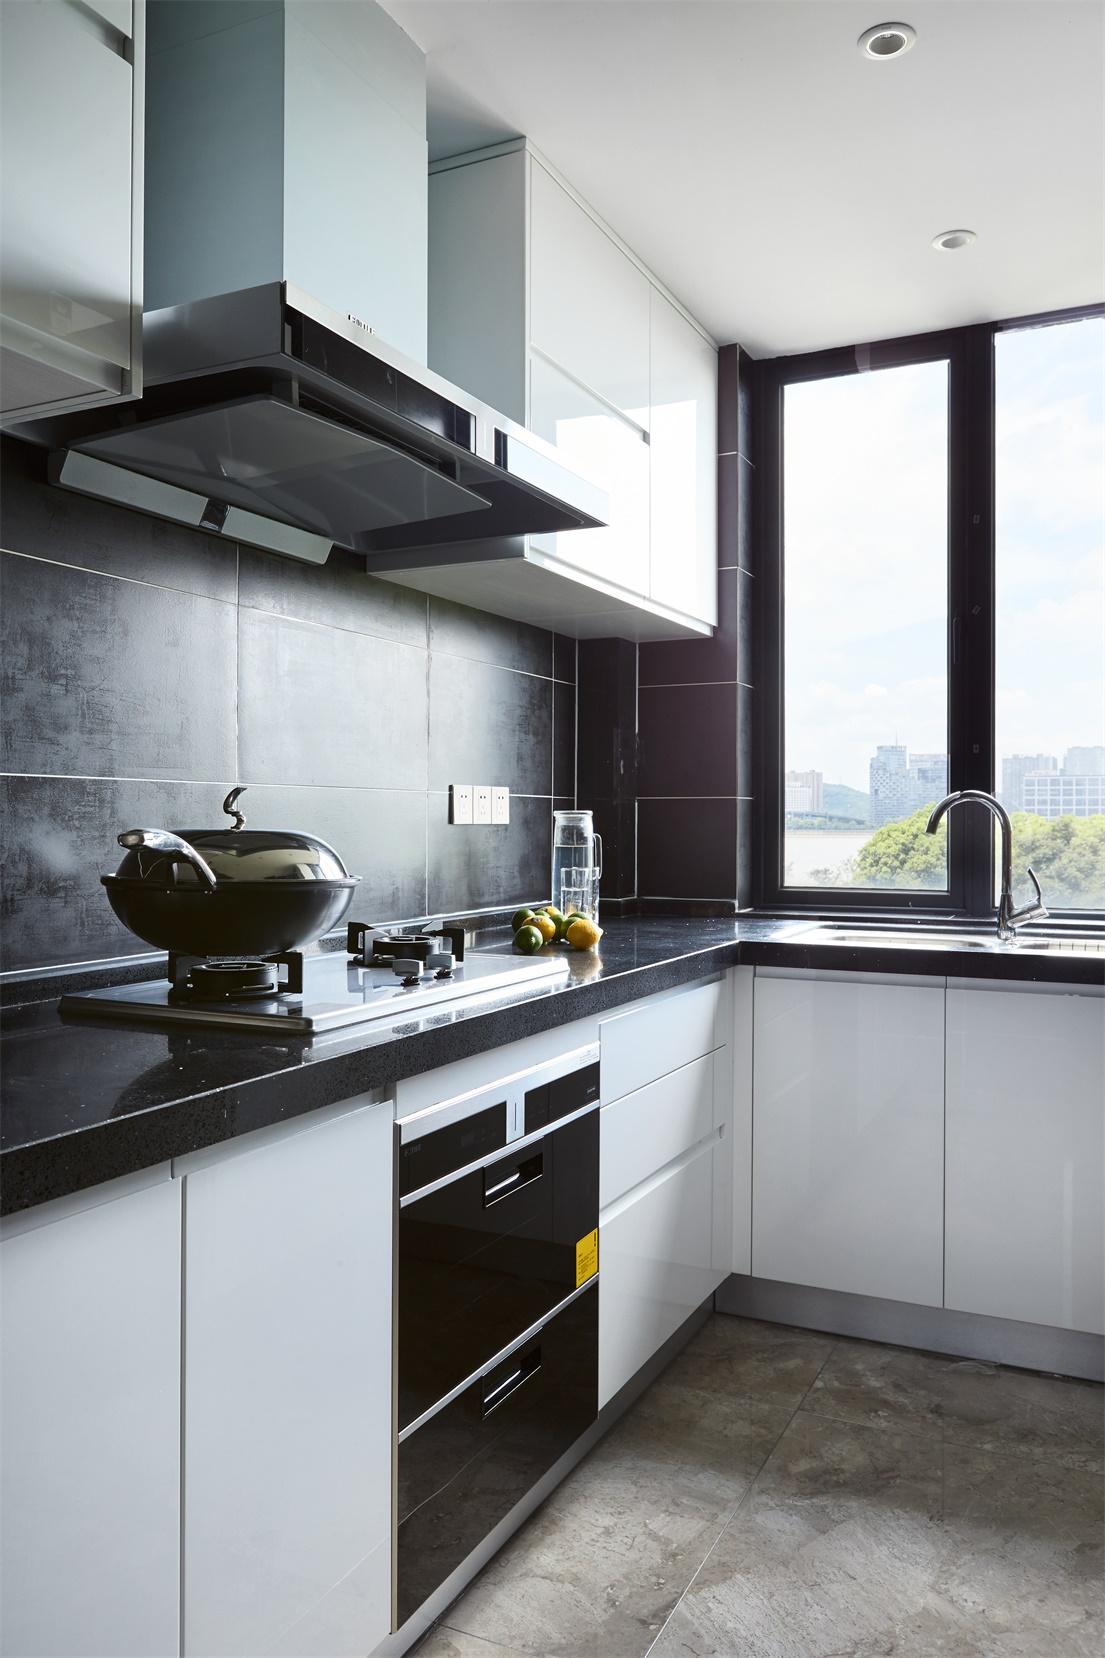 厨房动线设计合理,拥有了轻松氛围,橱柜颜色搭配和谐,充满了装饰意味。